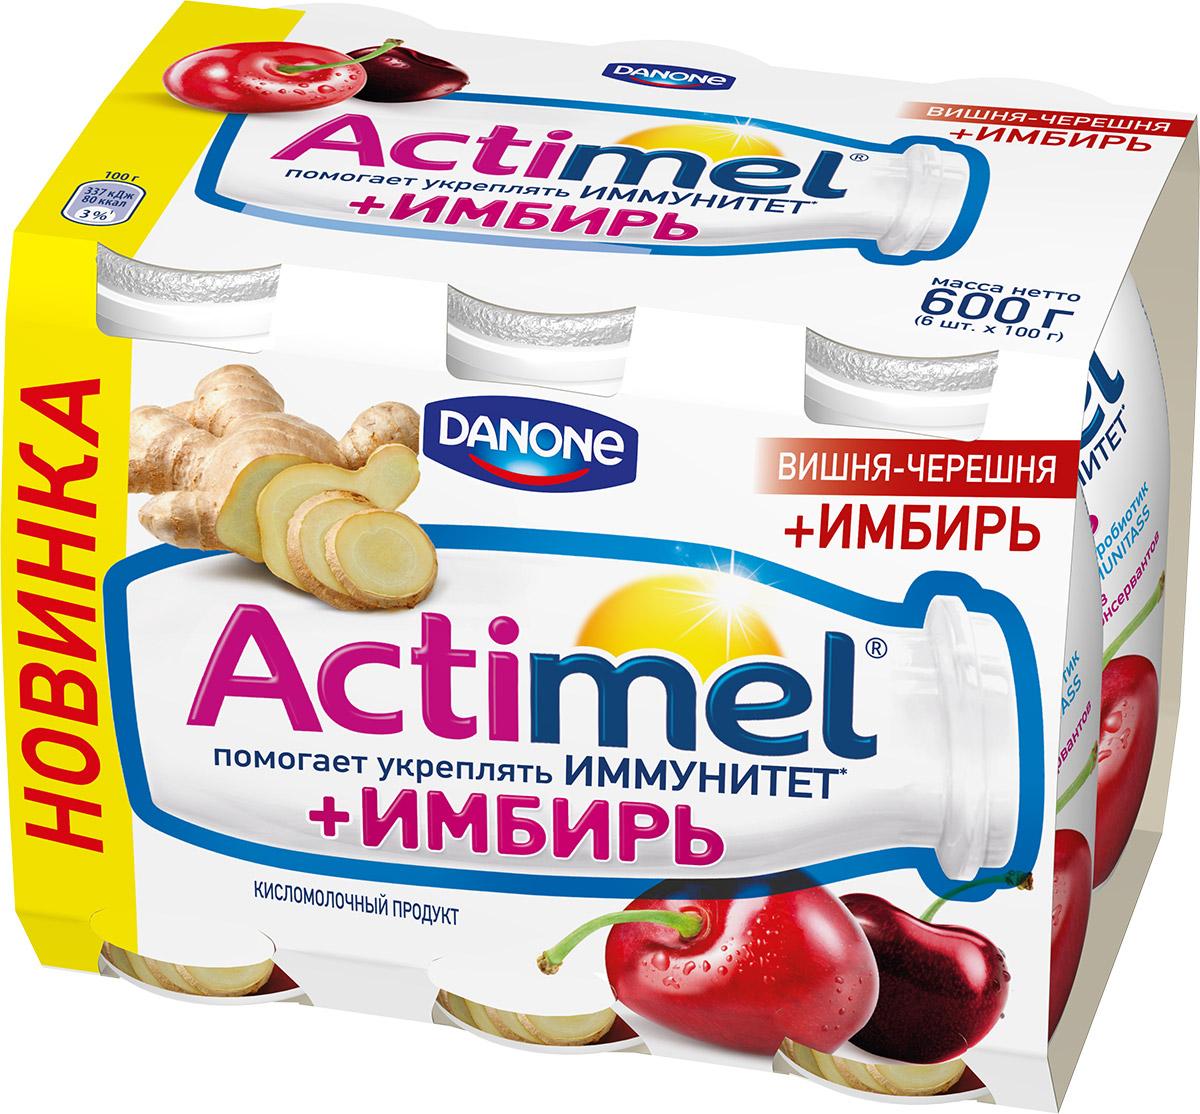 Актимель Продукт кисломолочный, Вишня-черешня с имбирем 2,5%, 6 шт по 100 г актимель продукт кисломолочный 2 6